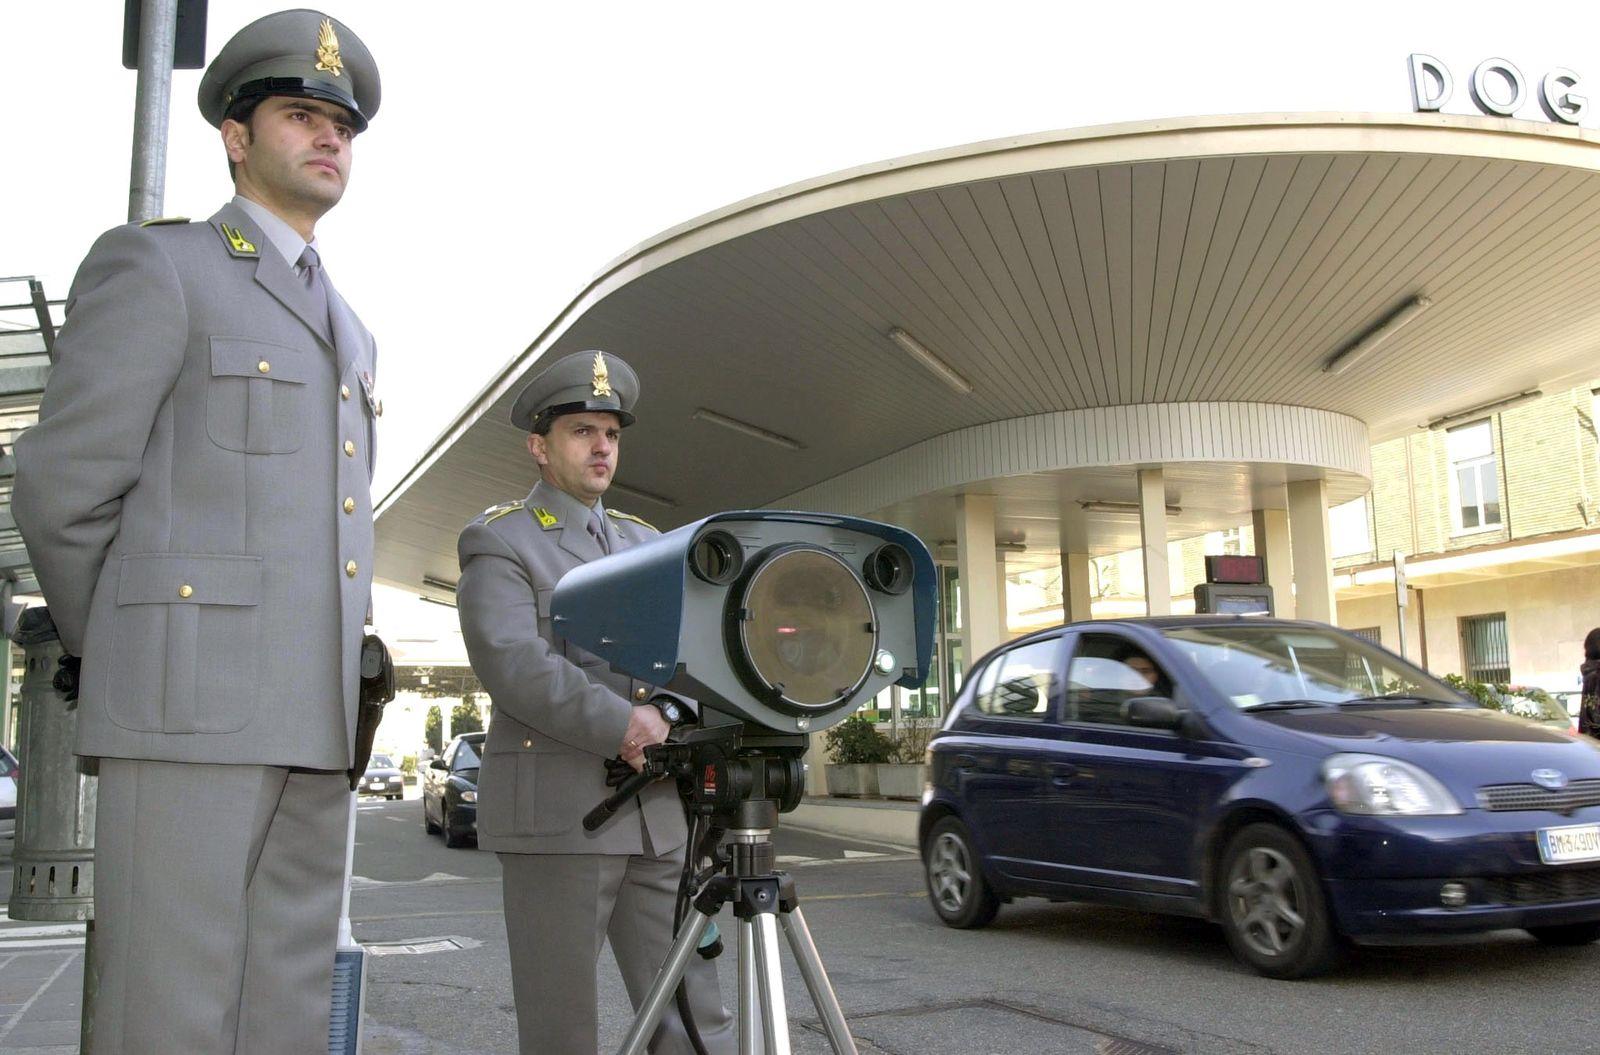 Guardia di Finanza / Schweizer Grenze